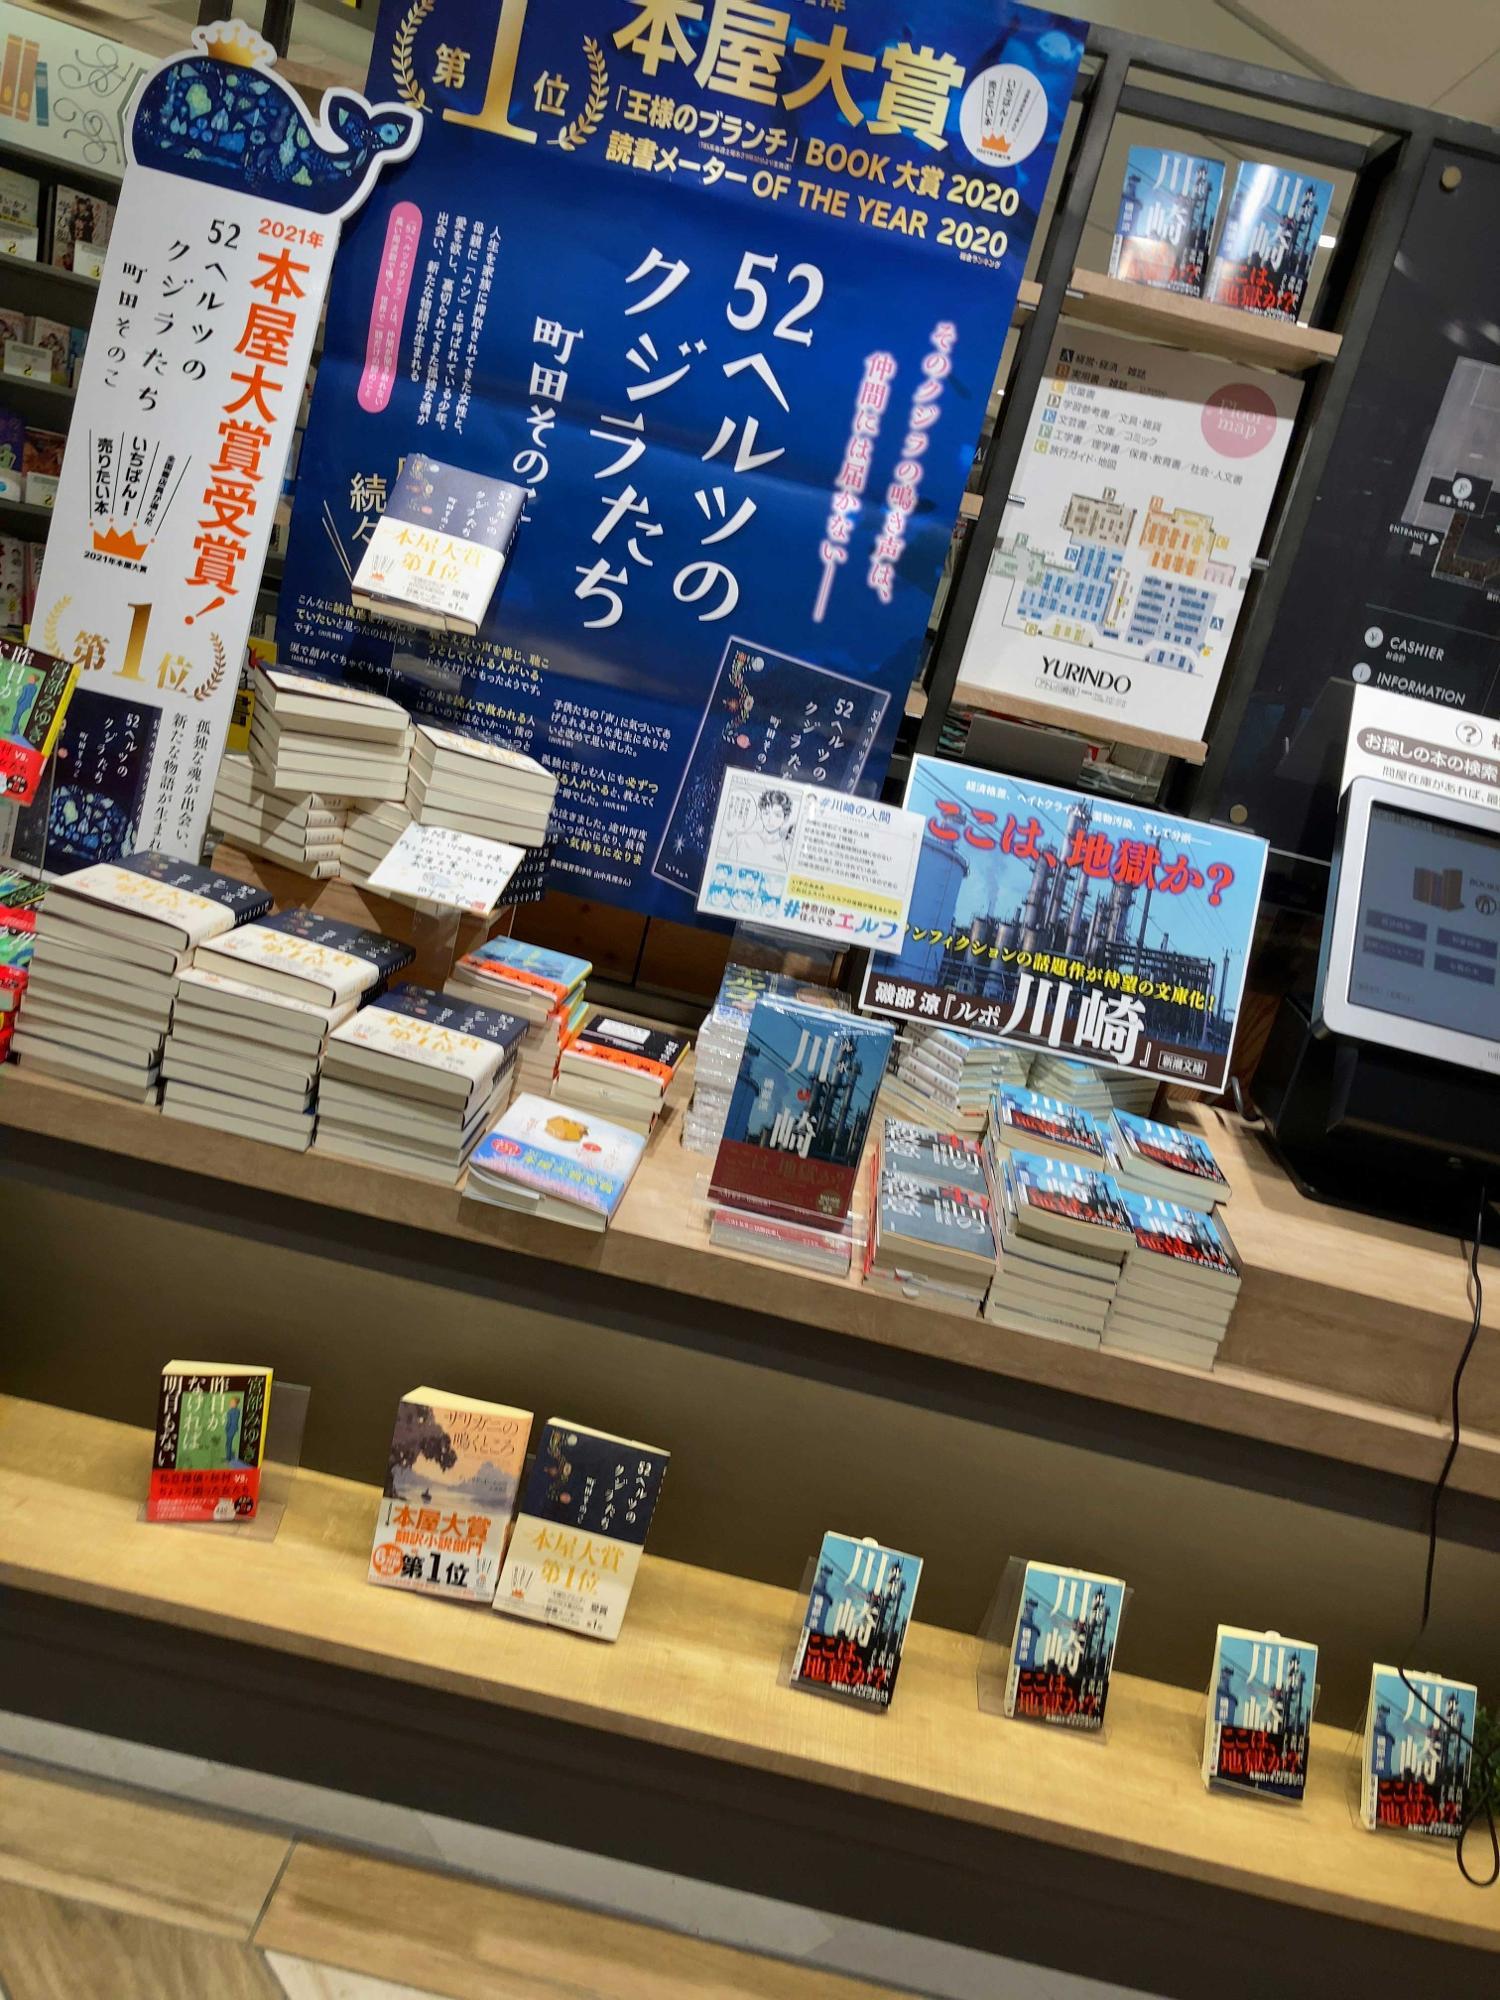 いつの時代も人生において本は大事な要素です。本から色々なことを得ることができます。